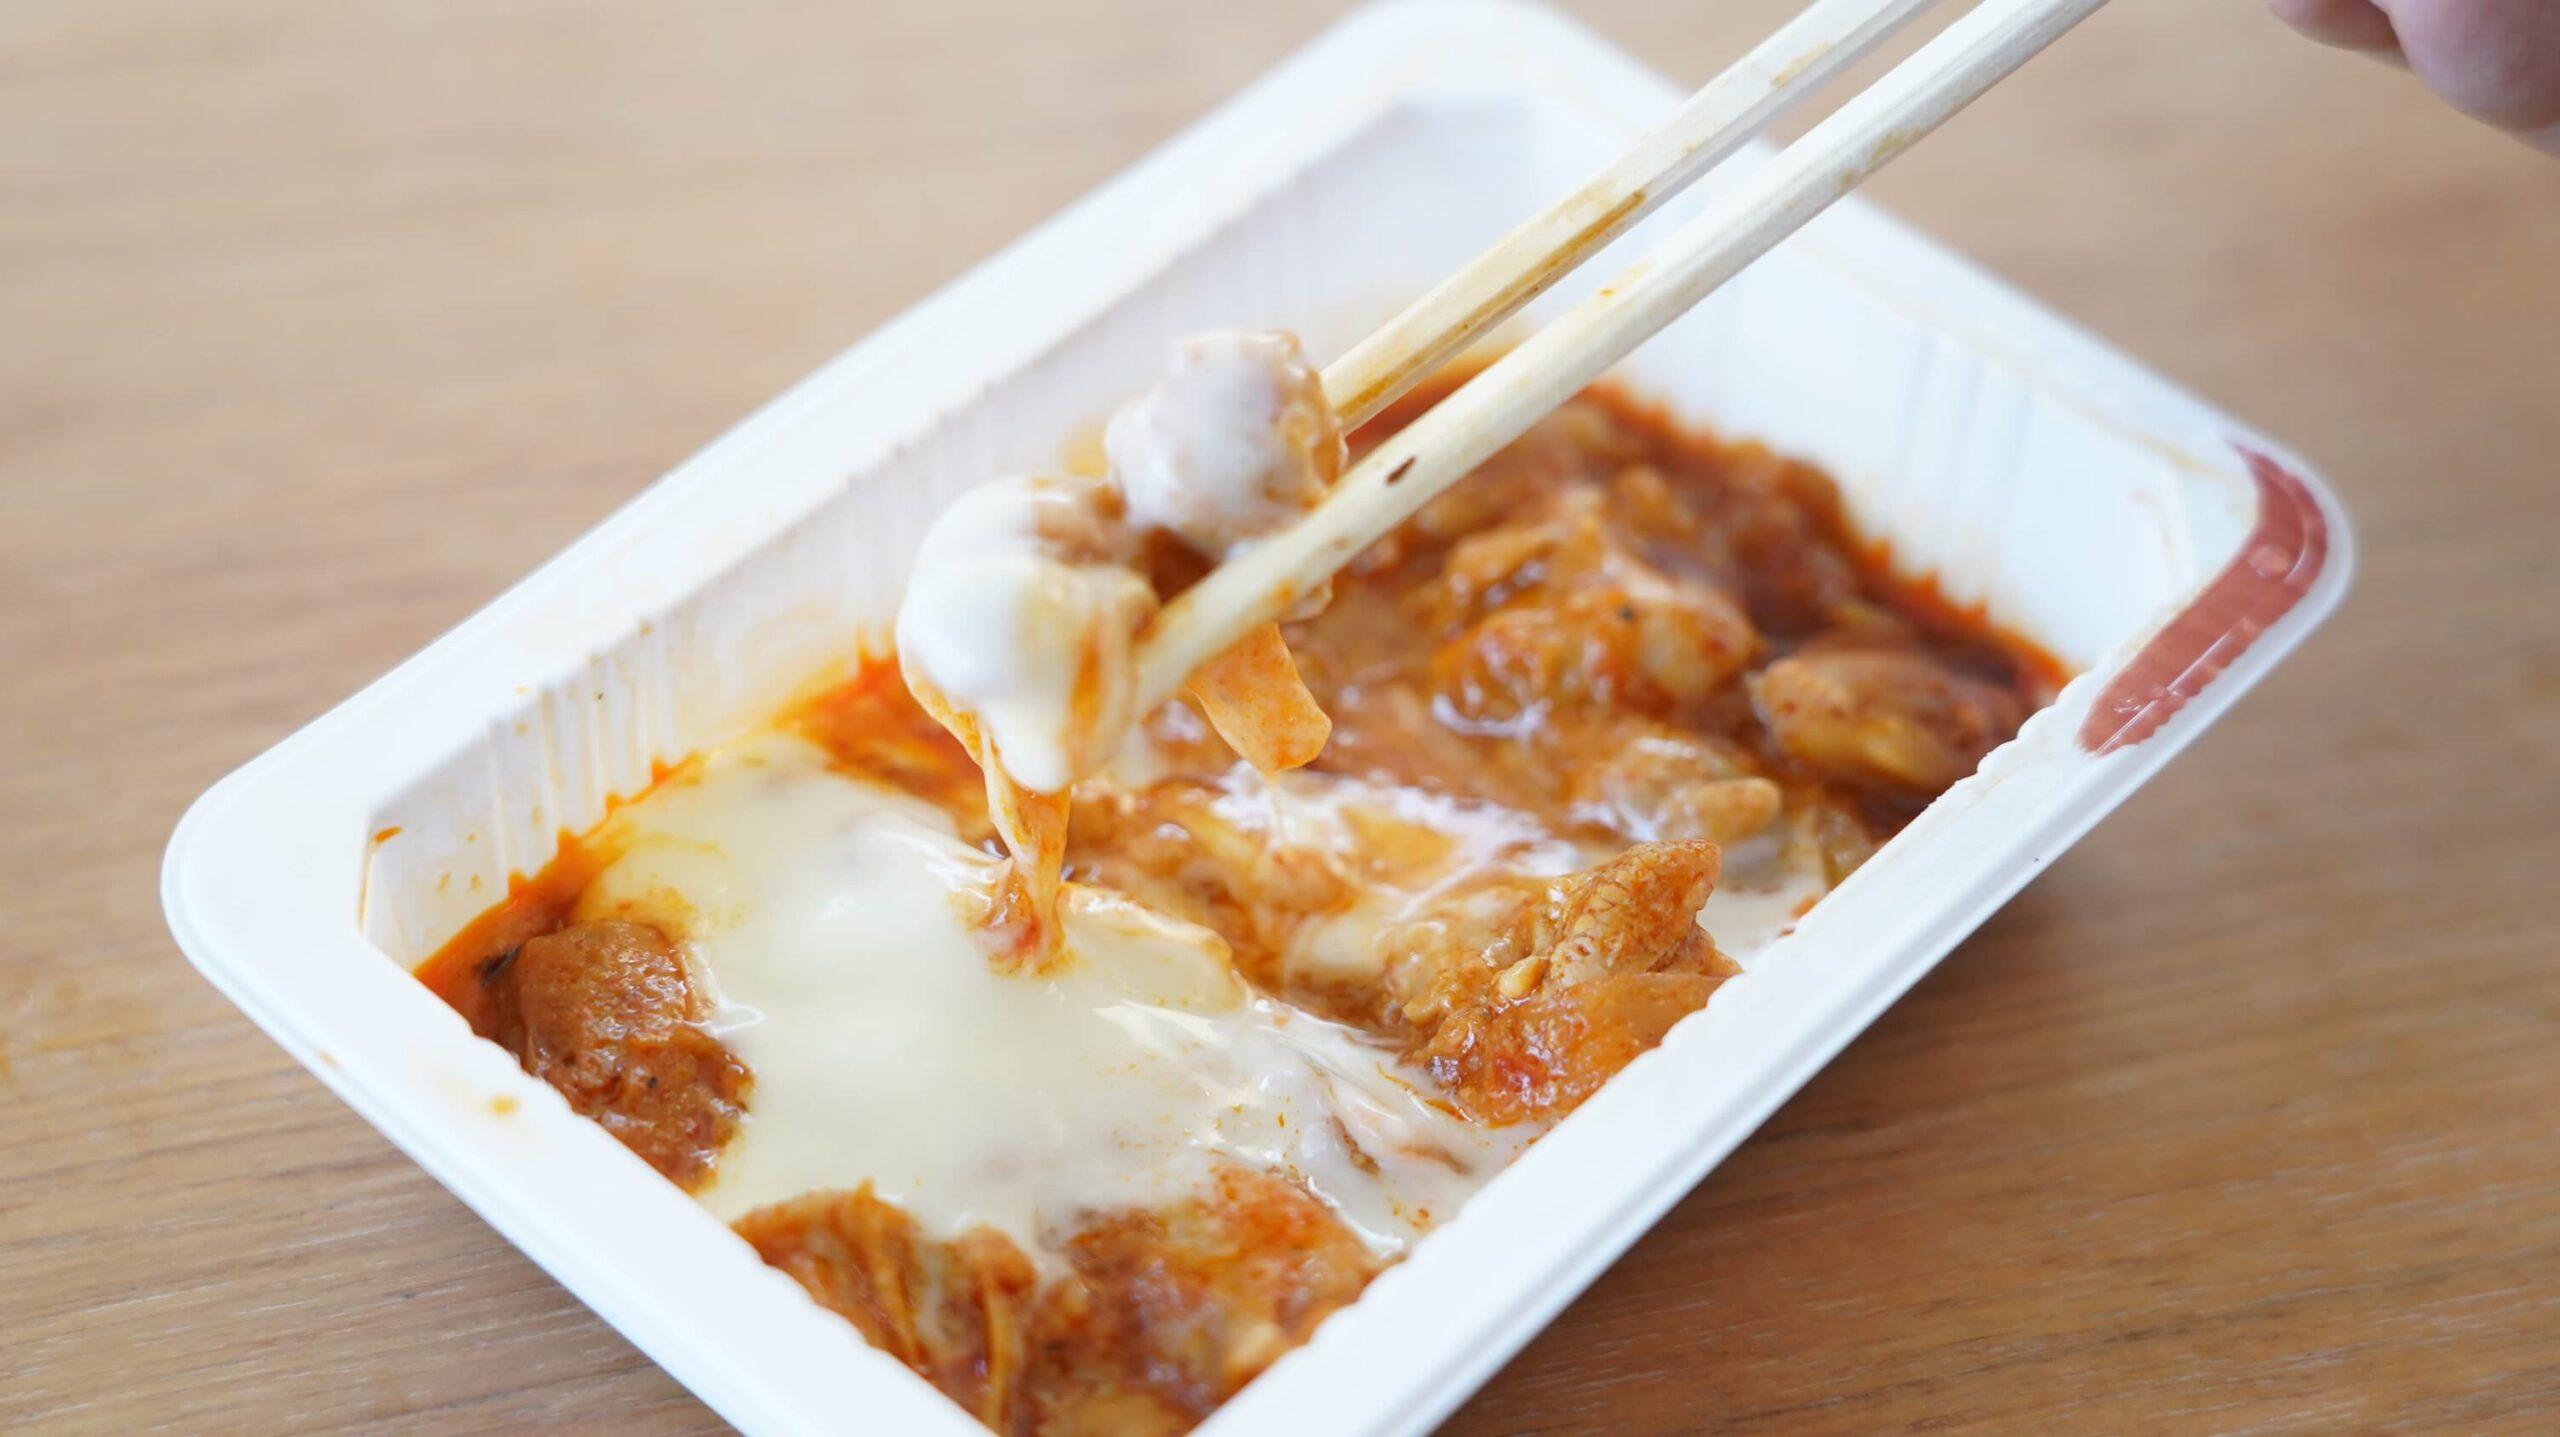 セブンイレブンの冷凍食品「とろけるチーズを絡めて・チーズダッカルビ」を箸でつまんでいる写真